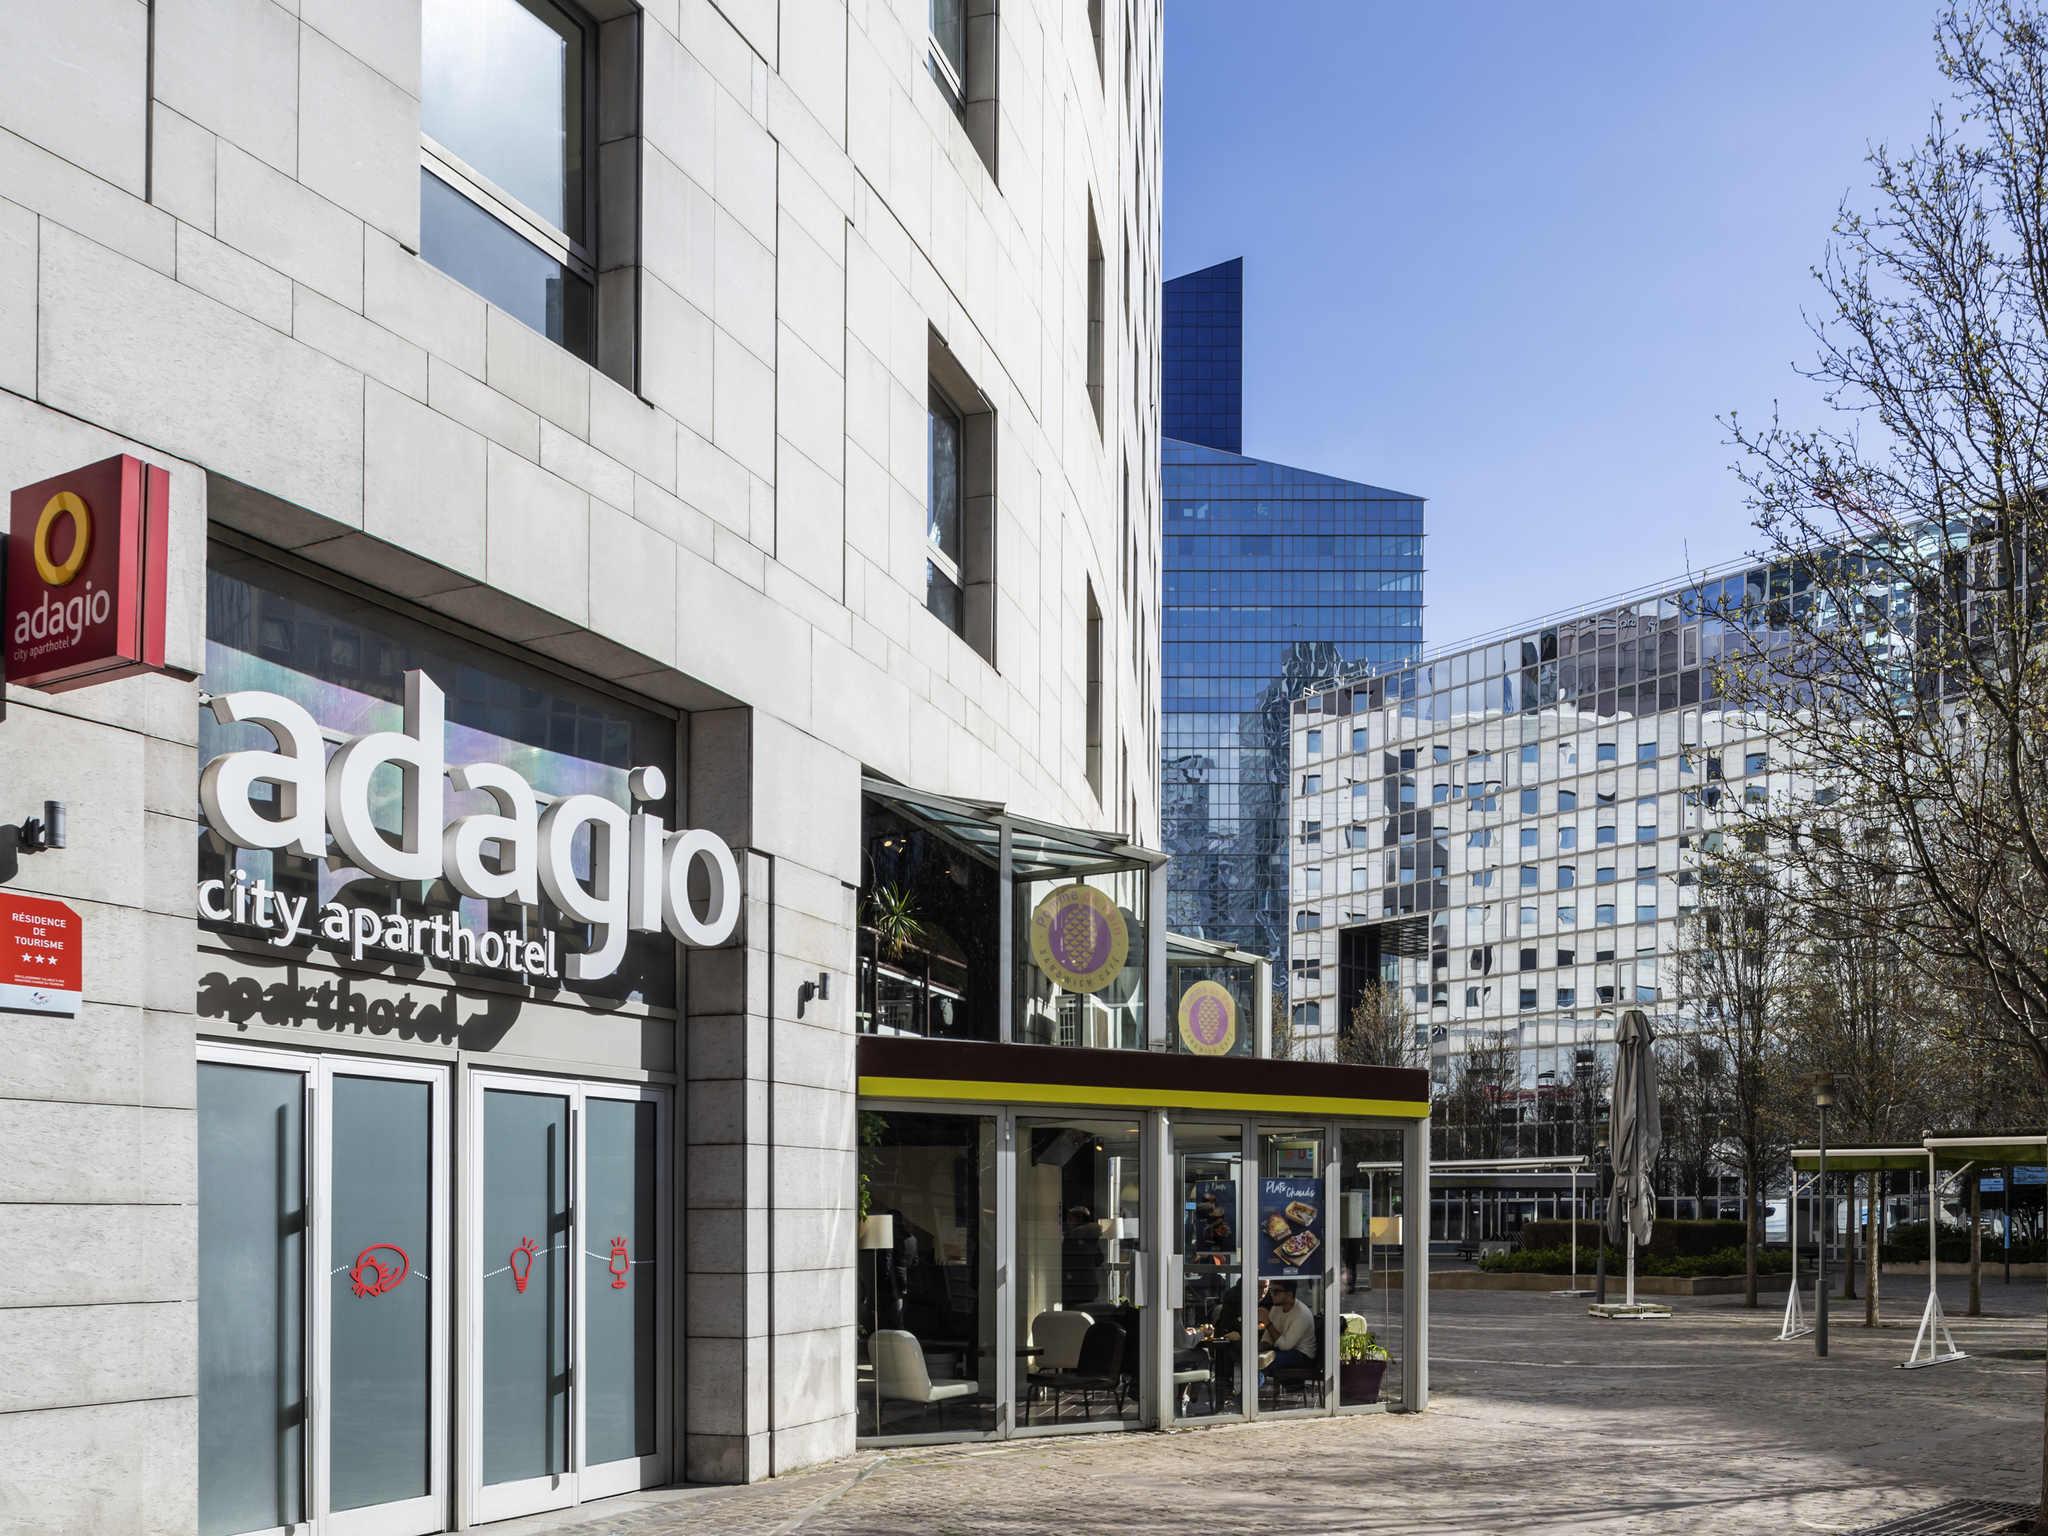 Hotel Aparthotel Adagio Birmingham City Centre